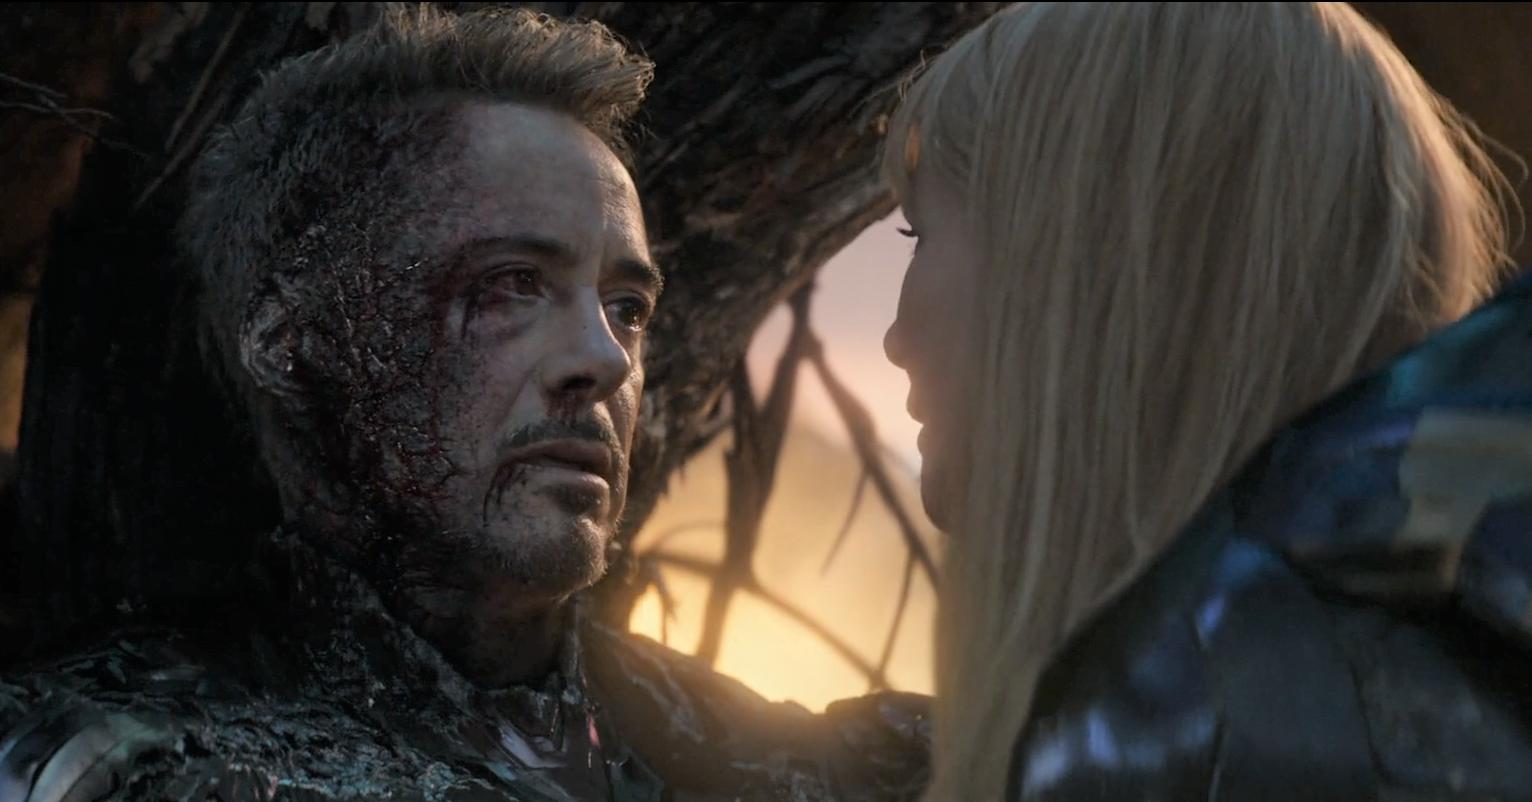 When Tony Stark dies in Avengers- Endgame